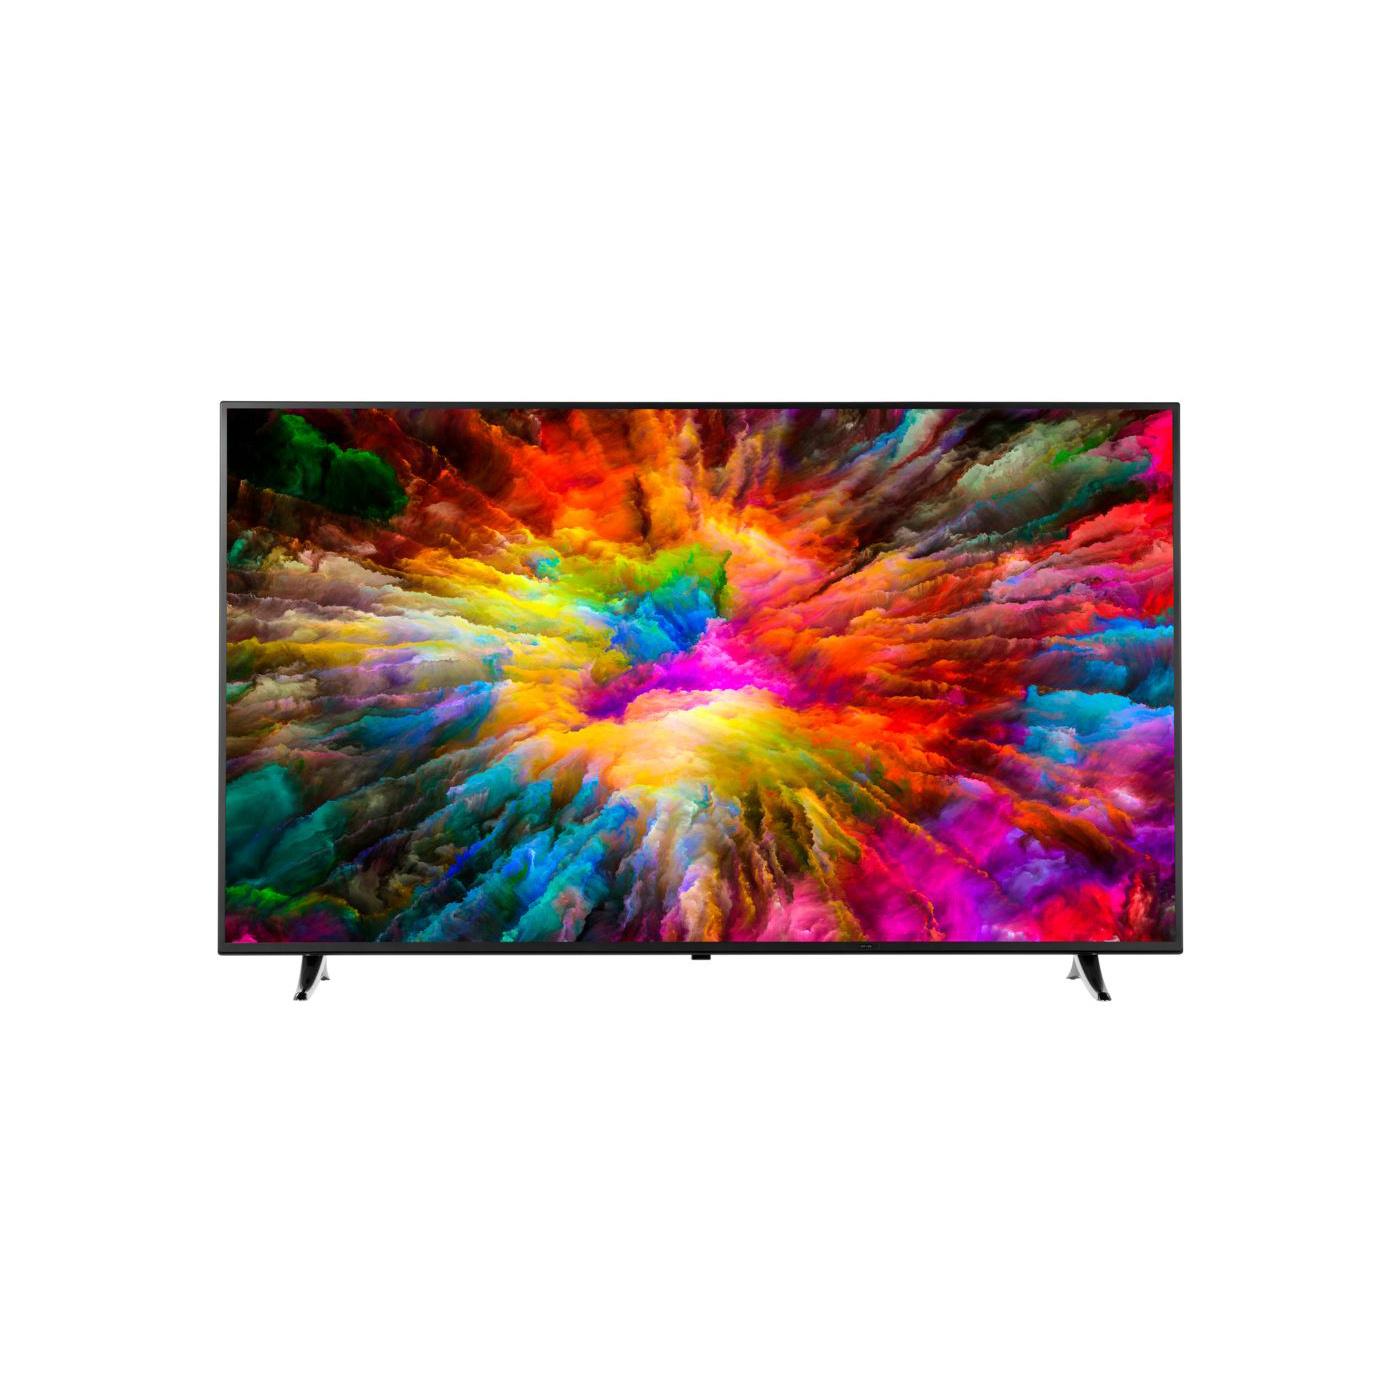 [Medion Outlet Essen] MEDION X16506 163,8 cm (65 Zoll) UHD Fernseher (Smart-TV, 4K UHD, Netflix, WLAN, HD Triple Tuner, DVB-T2 ) B-Ware